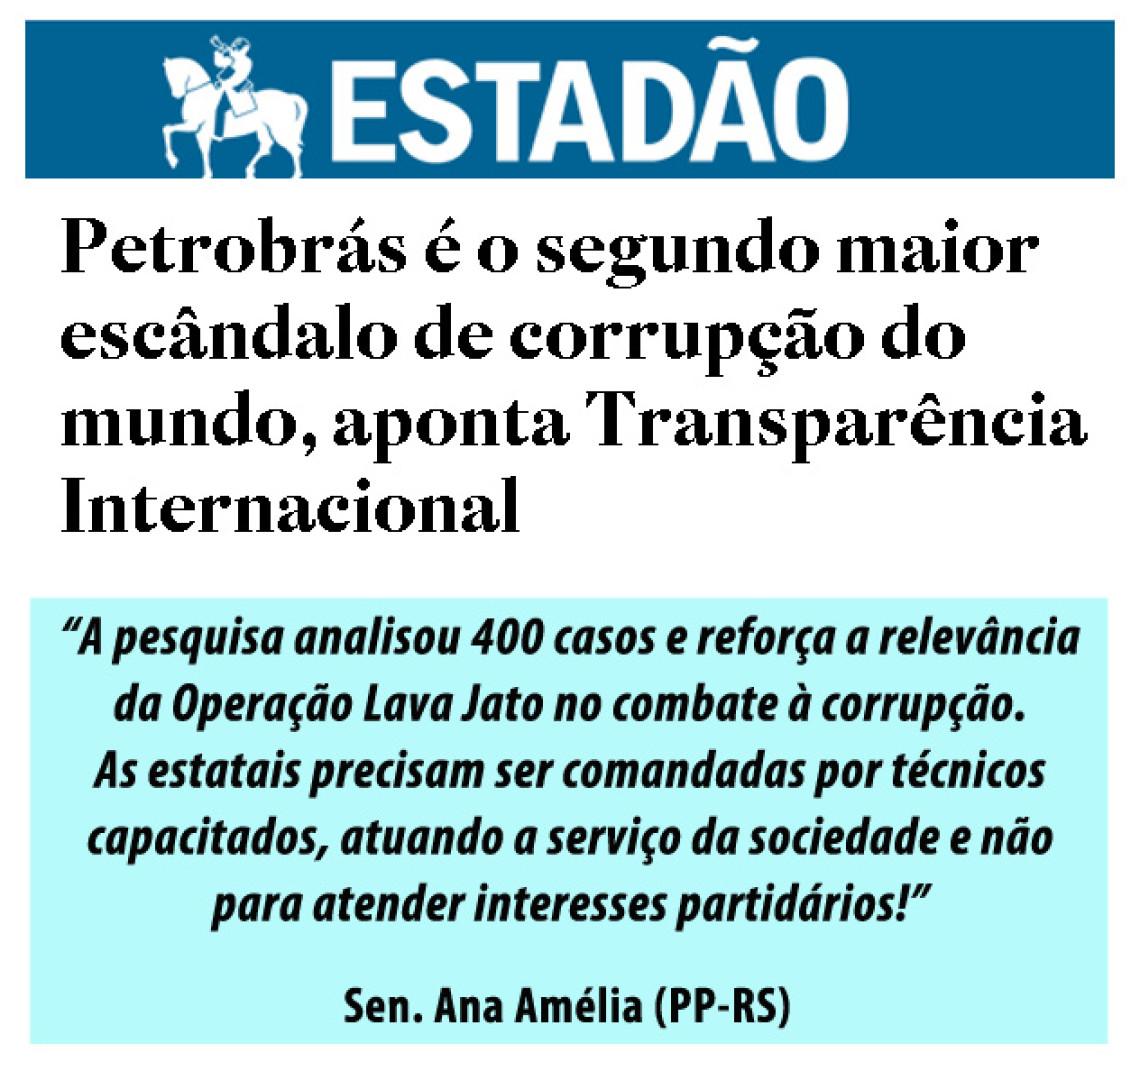 Nomeação de dirigentes deveria atender interesse público e não partidário, diz Ana Amélia